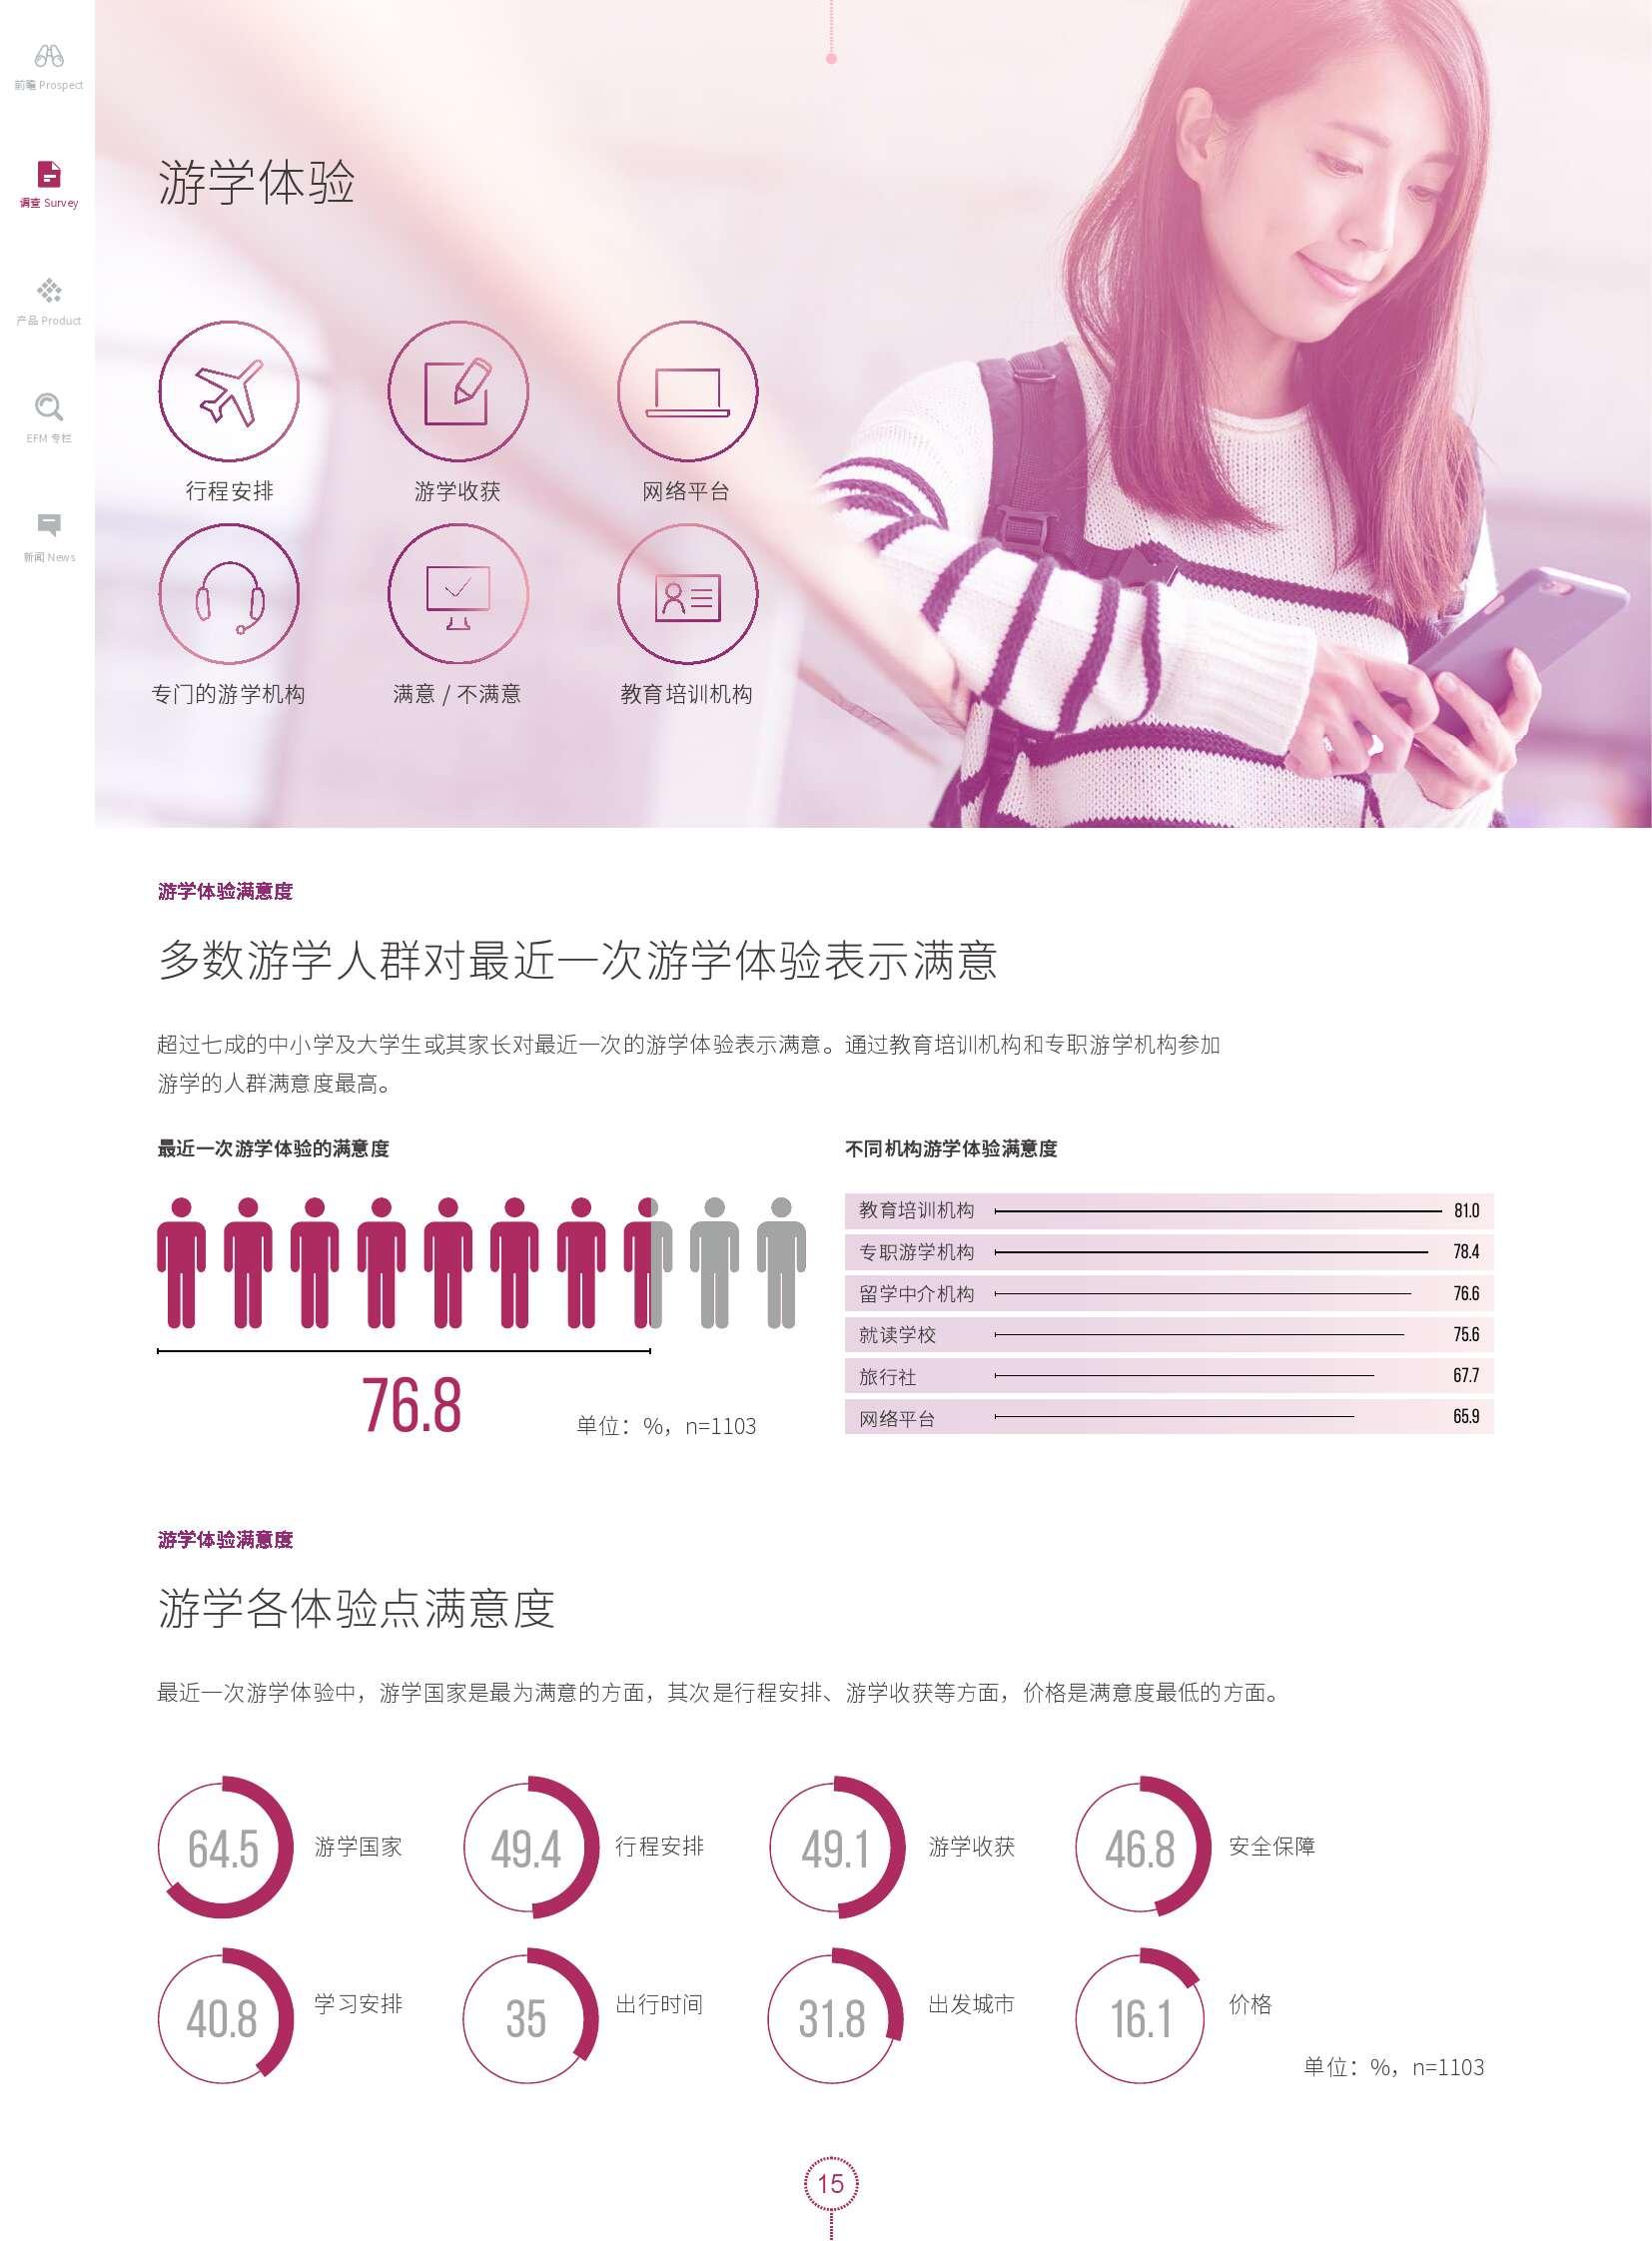 2016中国食品&饮料趋势及消费者洞察_000016